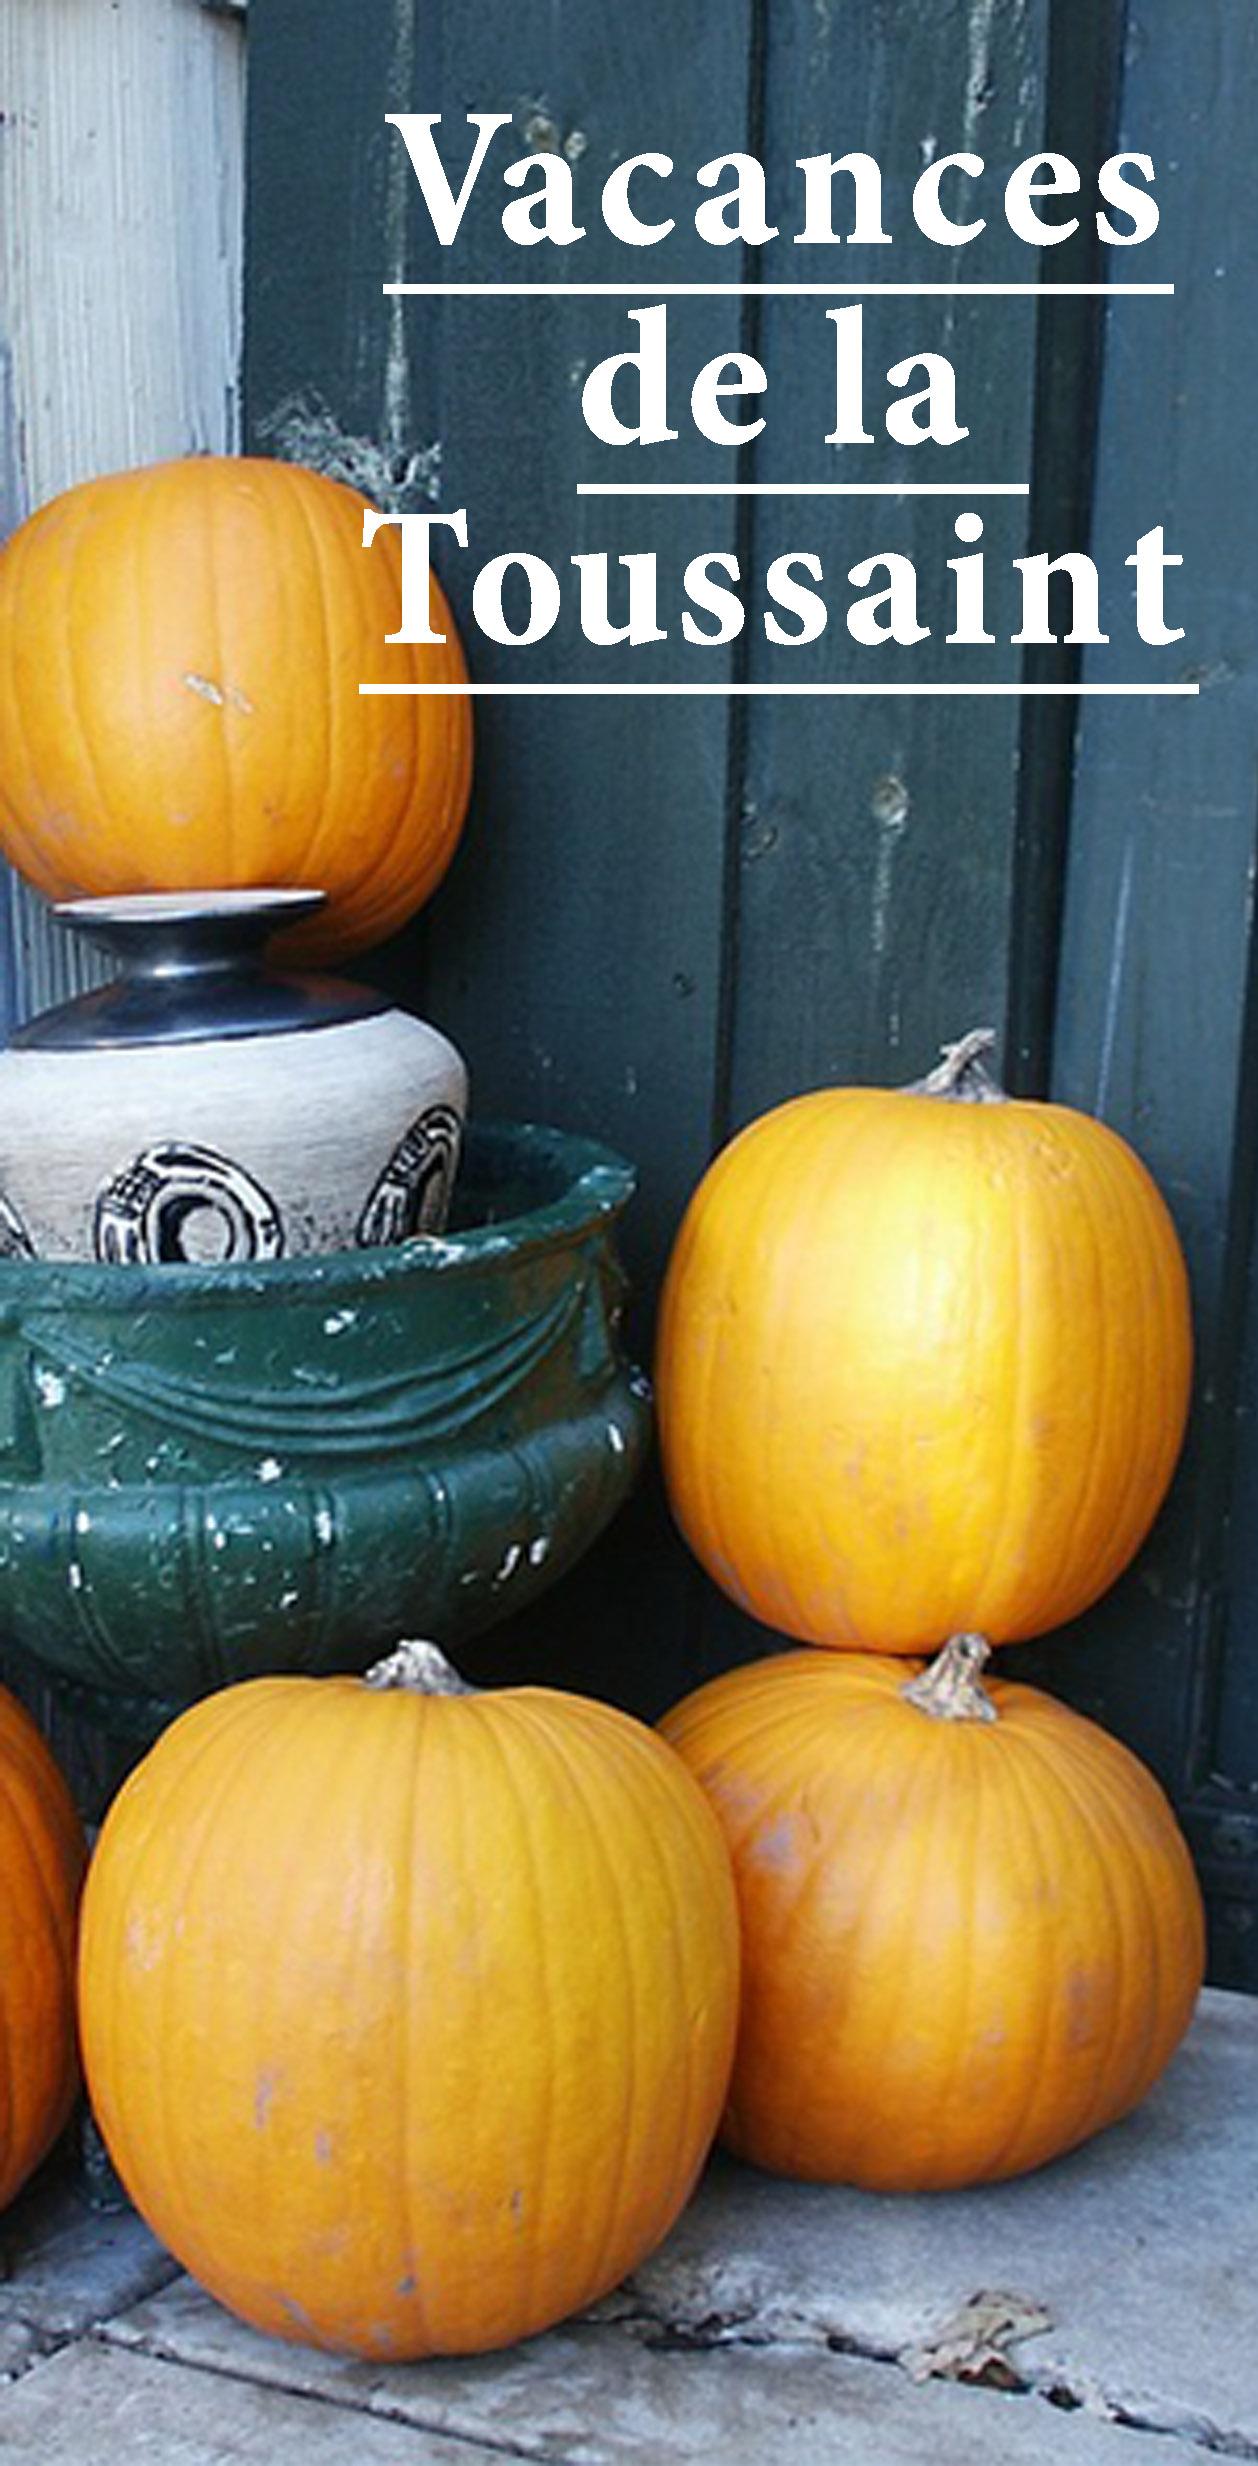 Programme des vacances de la toussaint mjc fontaines - Les vacances de la toussaint 2020 ...